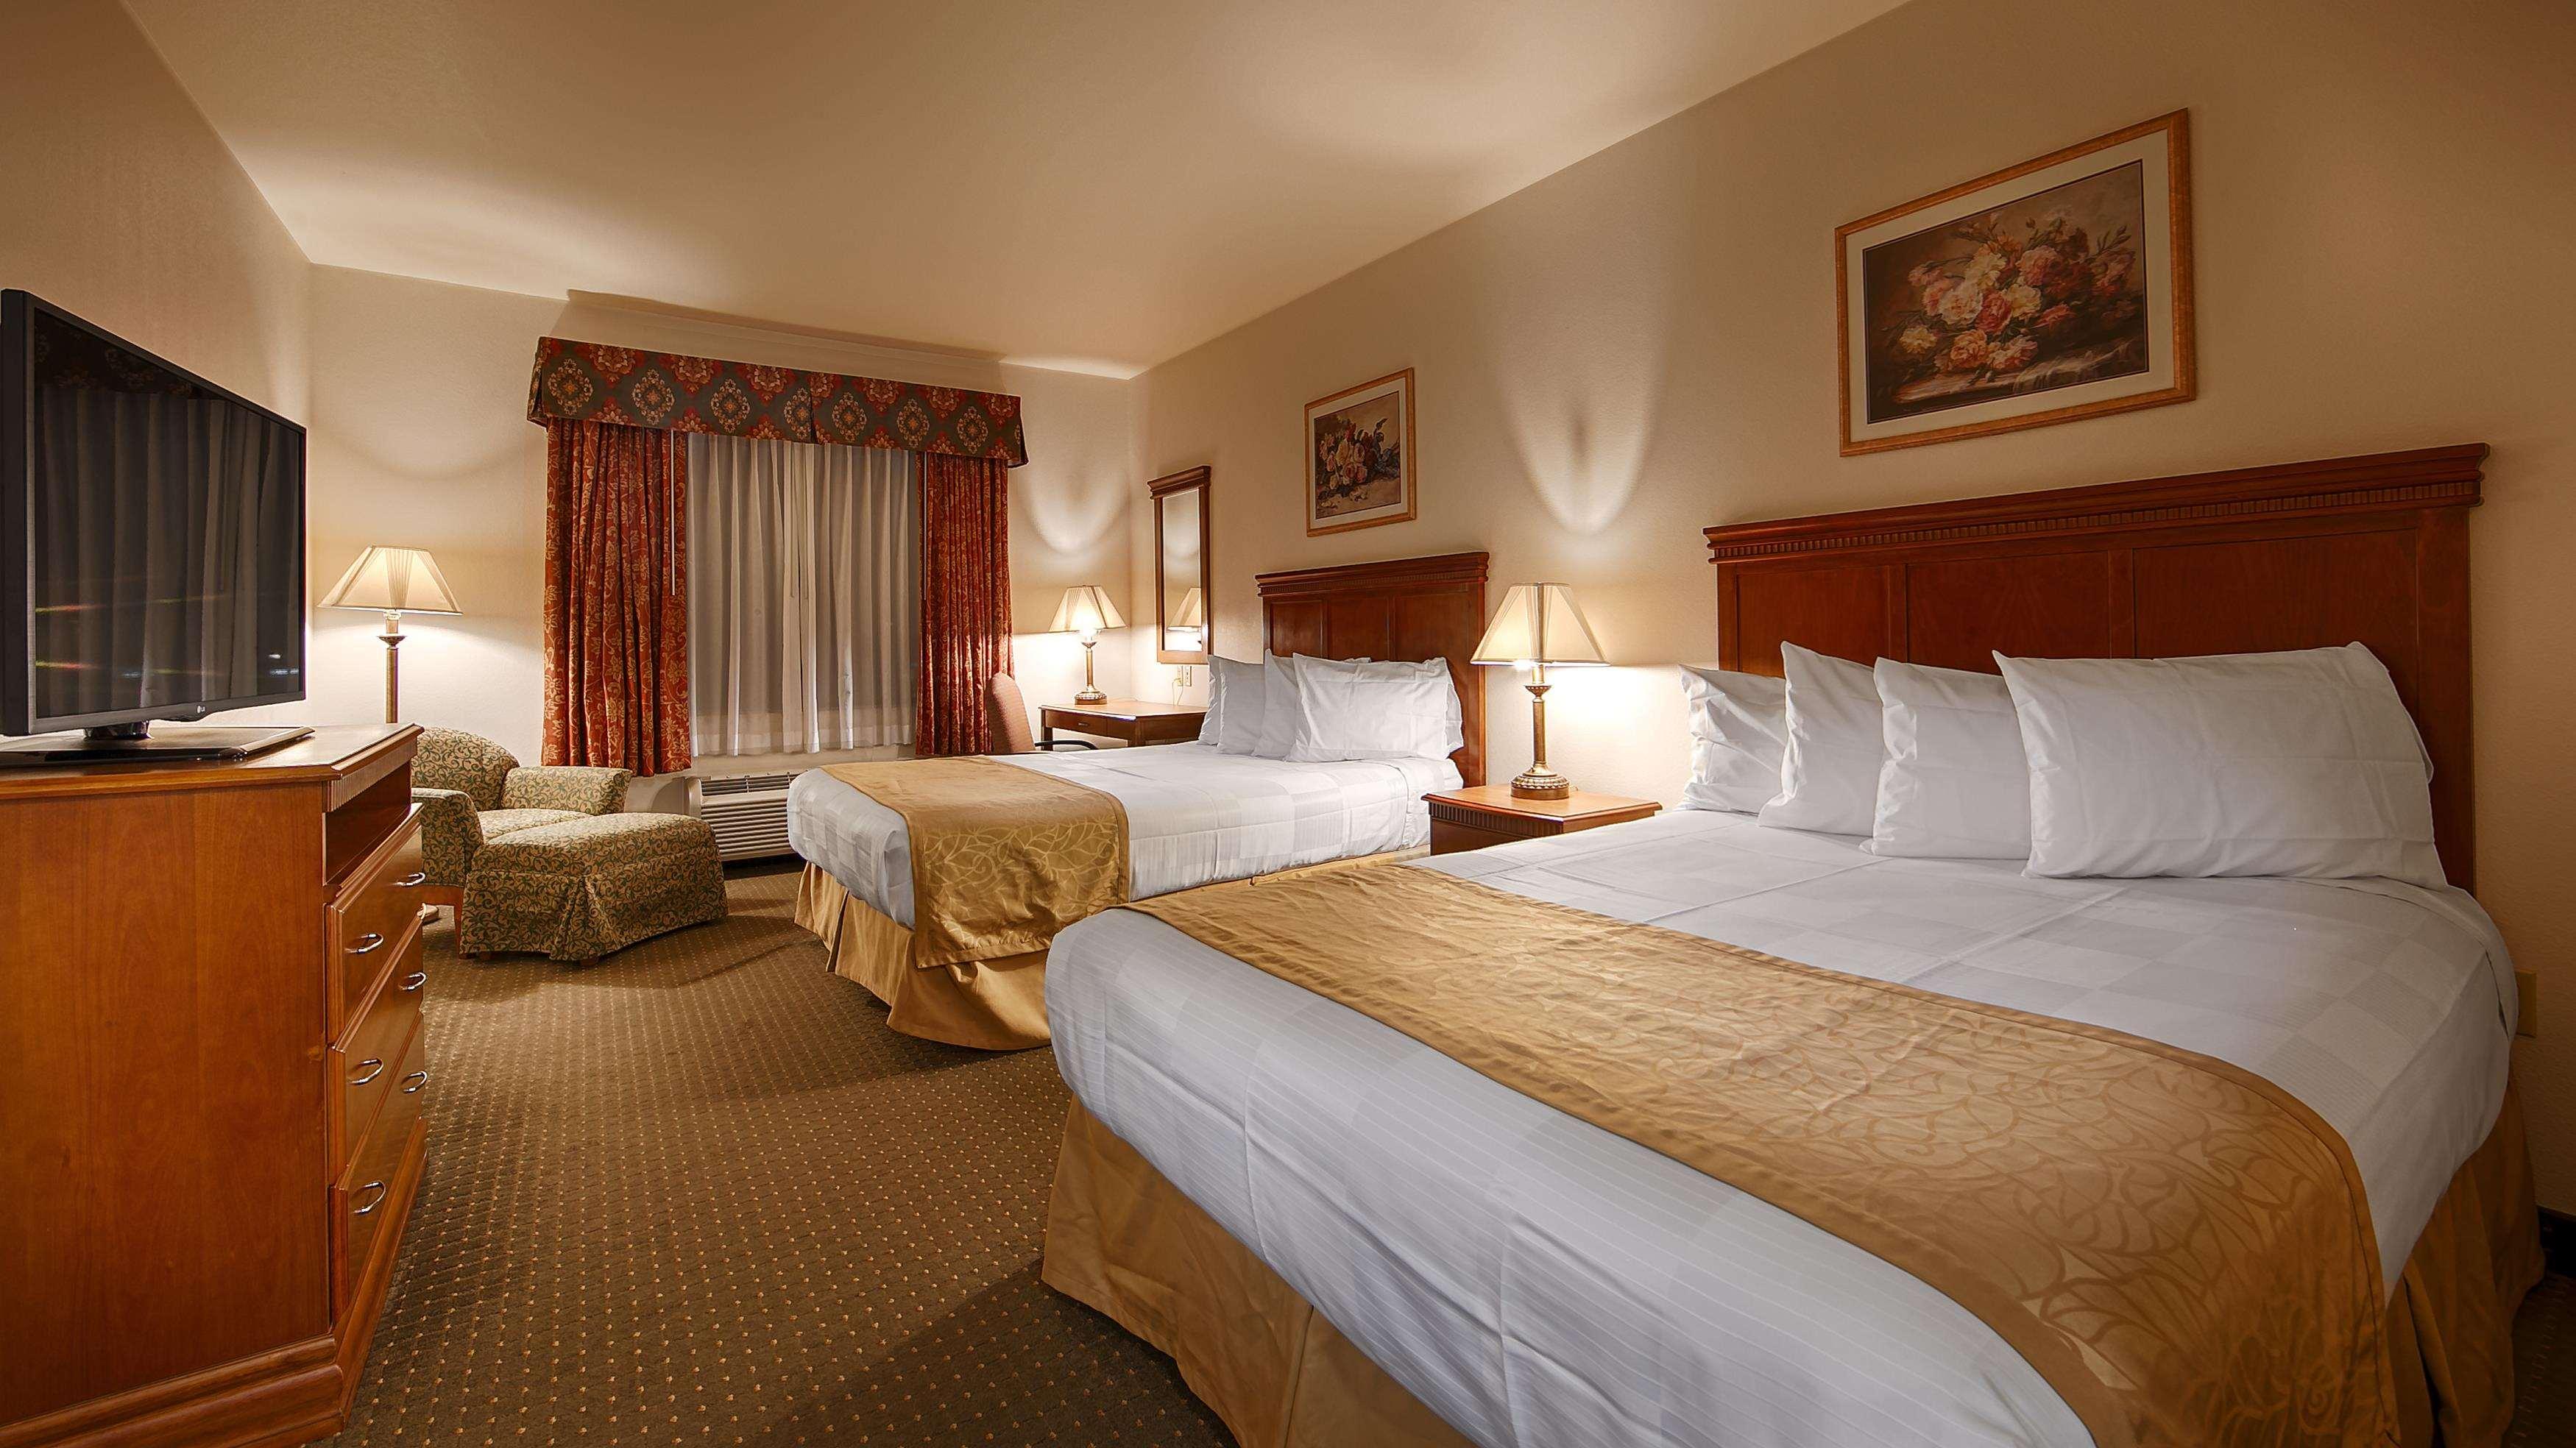 Best Western Plus Lake Elsinore Inn & Suites image 3